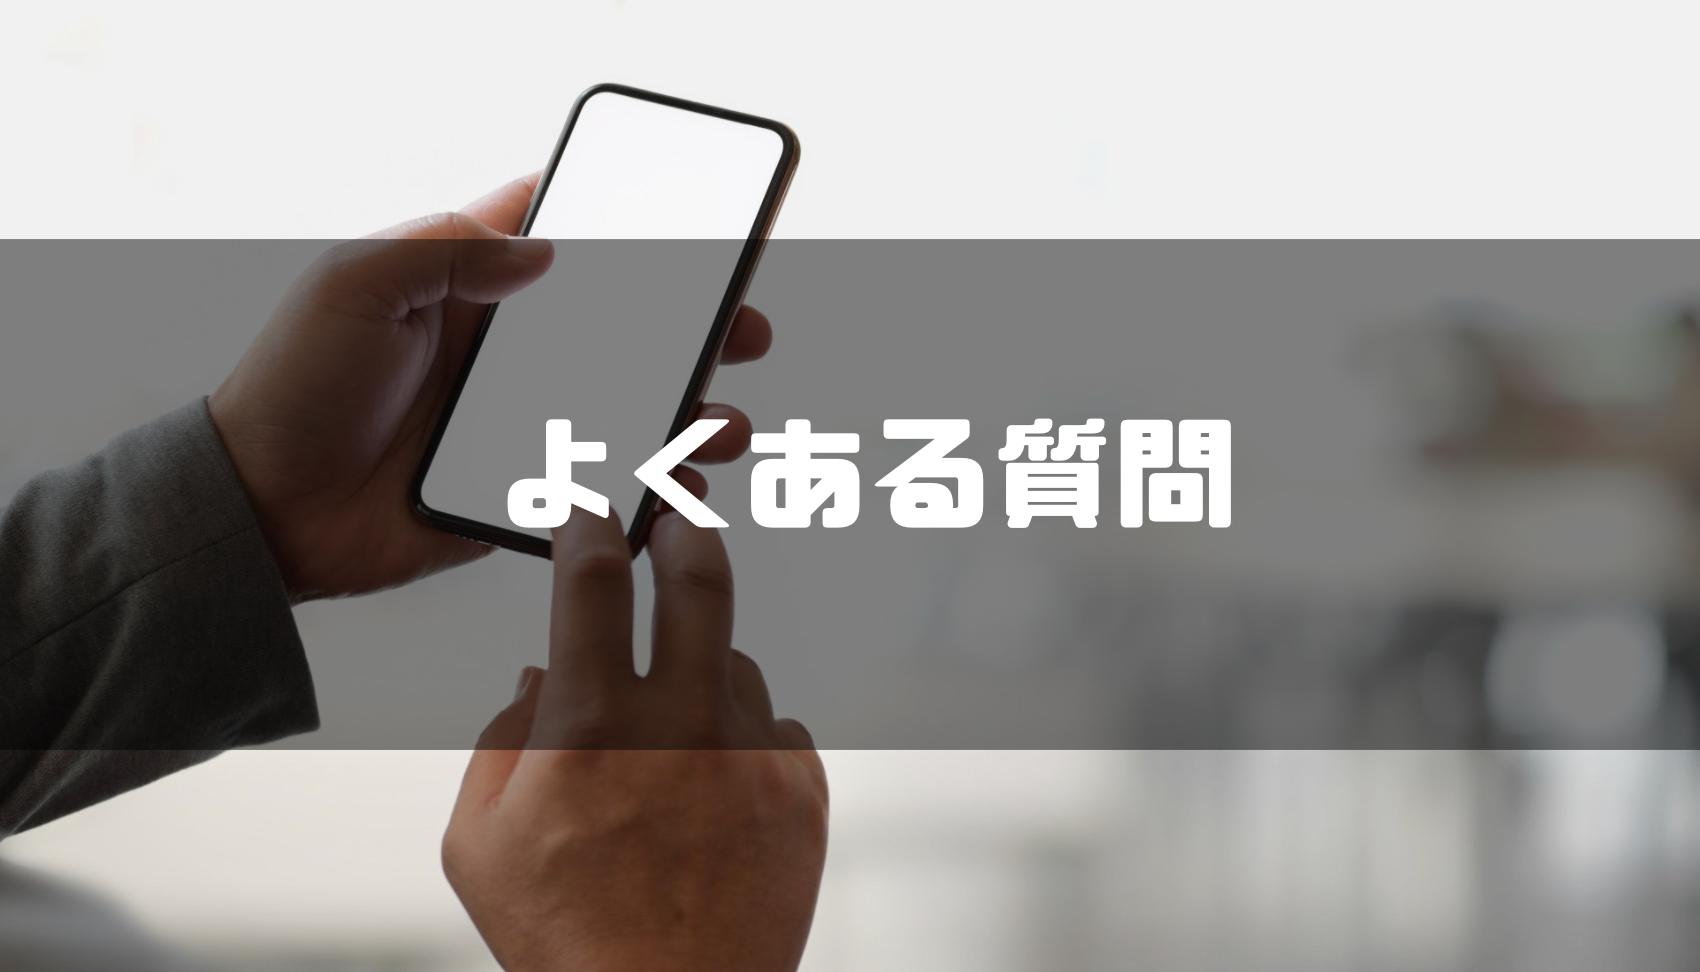 楽天モバイル_iphone_iPhone_iPad_よくある質問